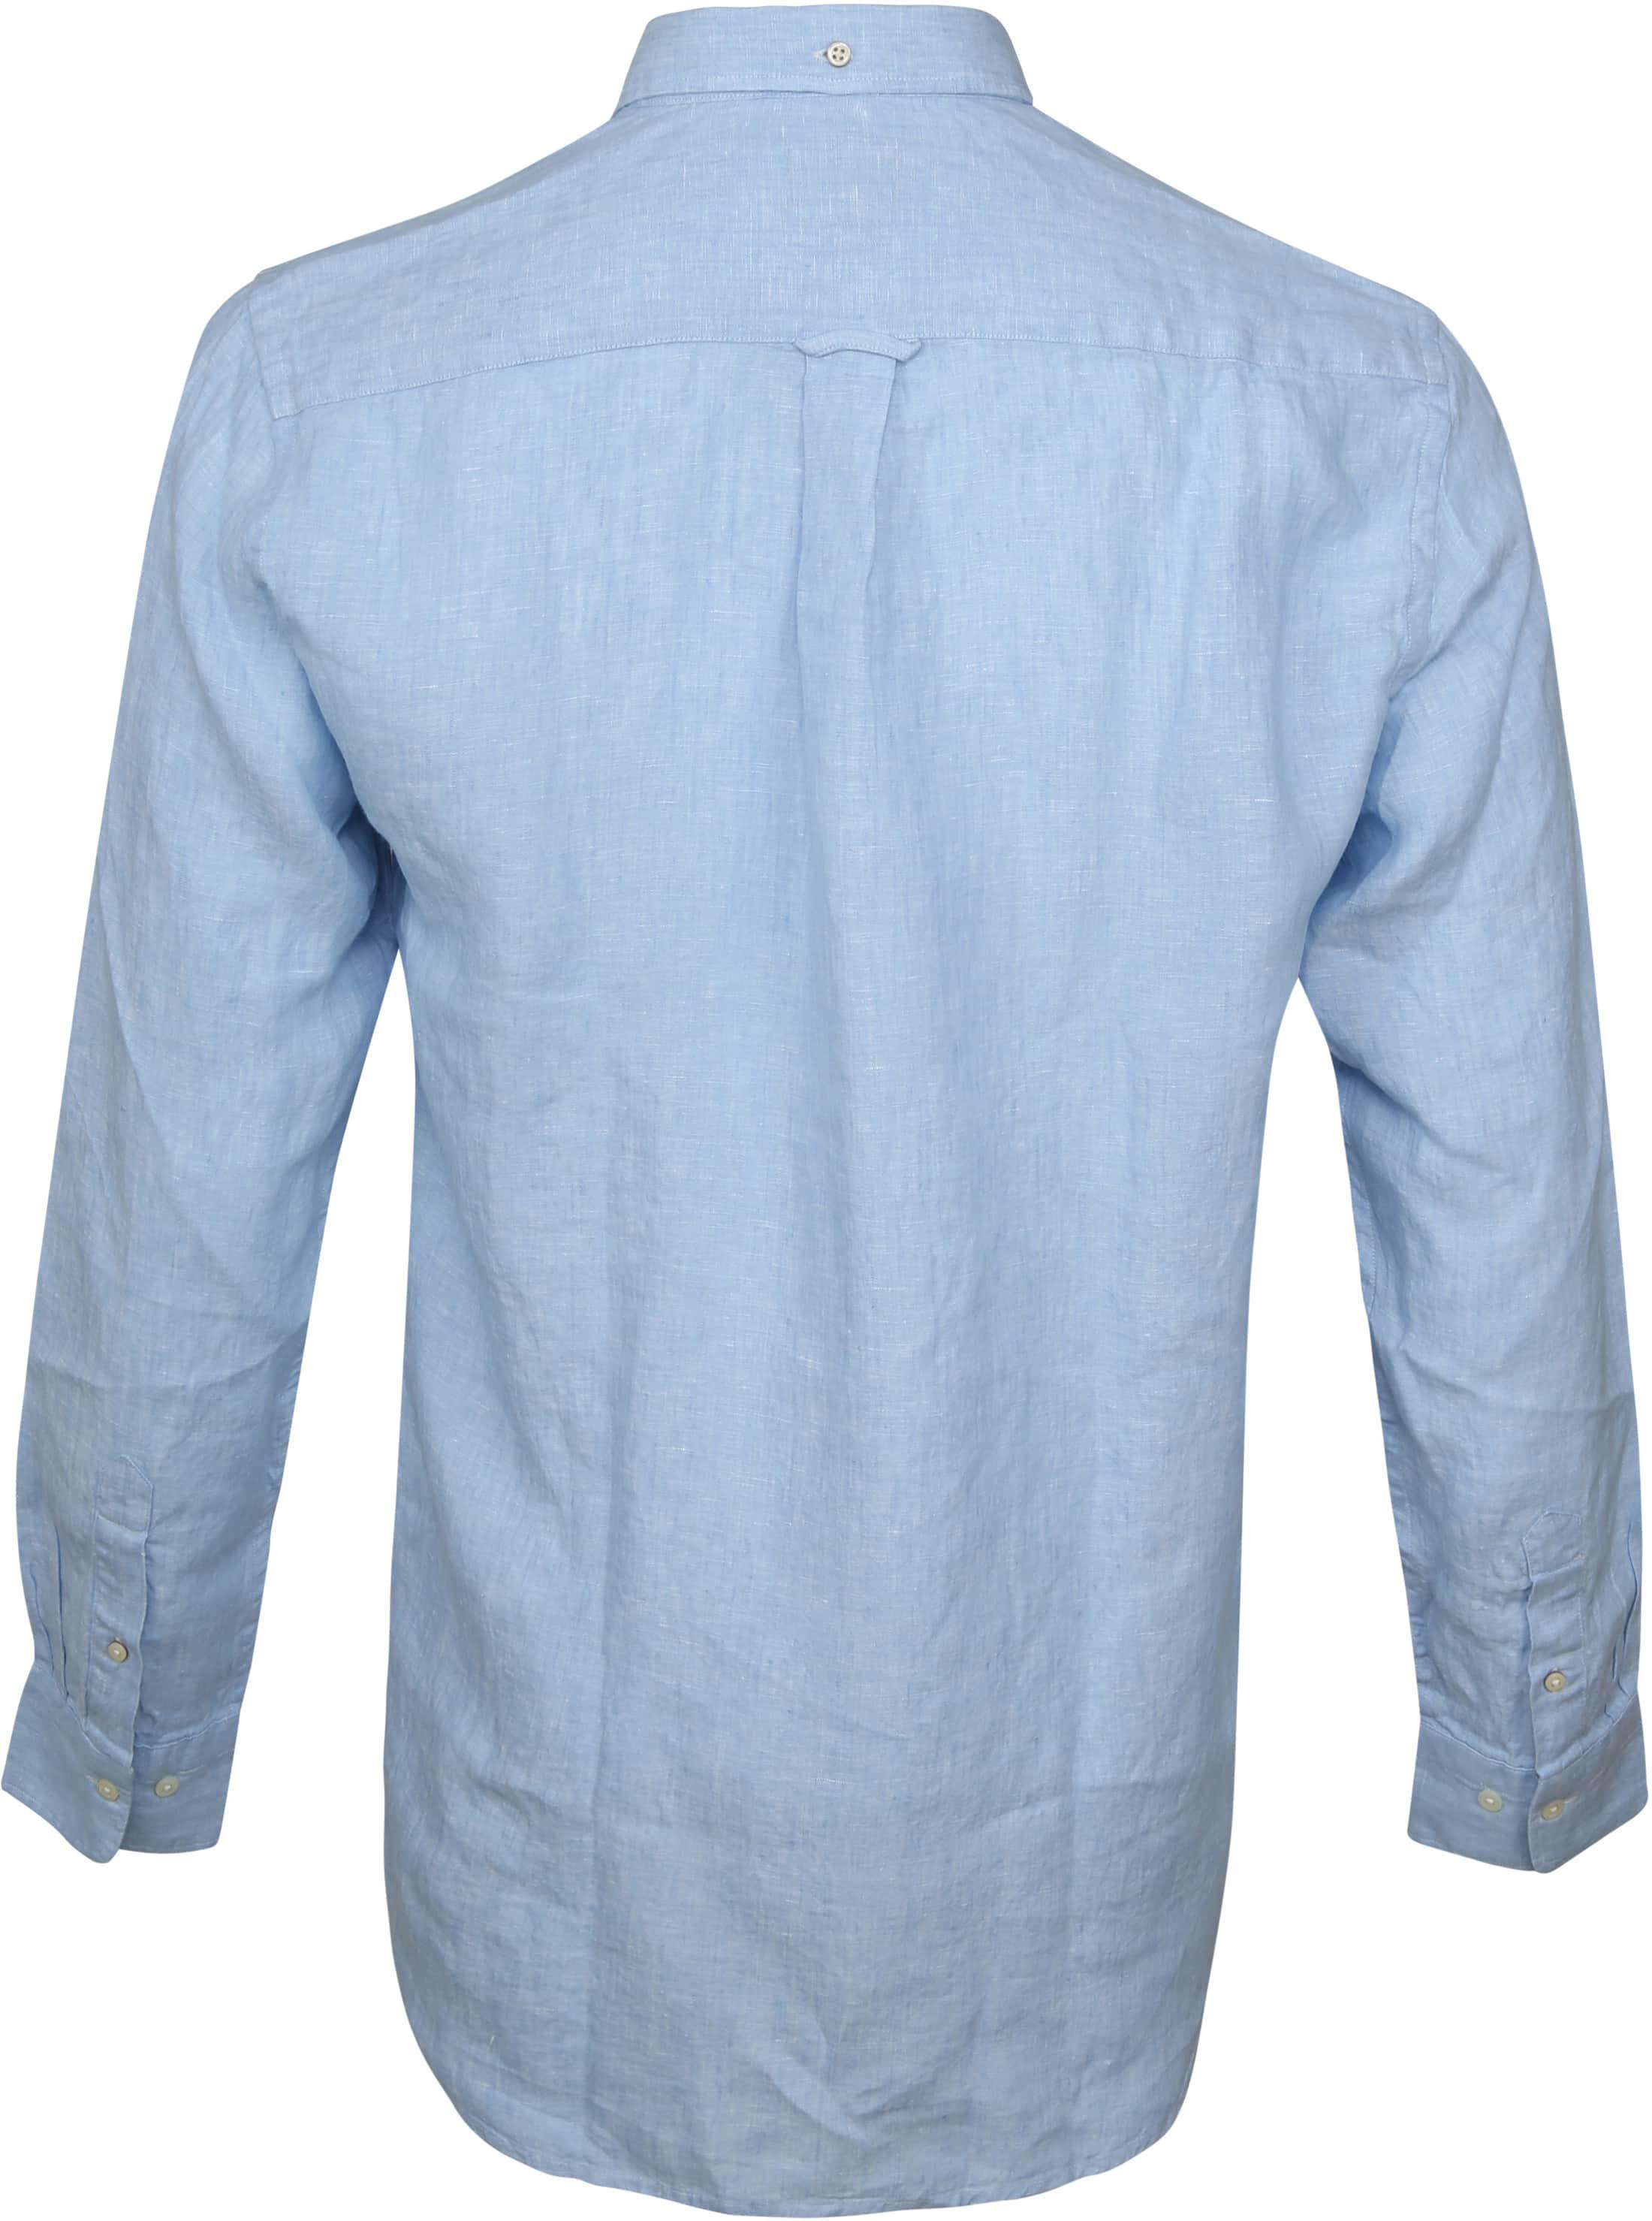 Gant Casual Overhemd Linnen Lichtblauw foto 3